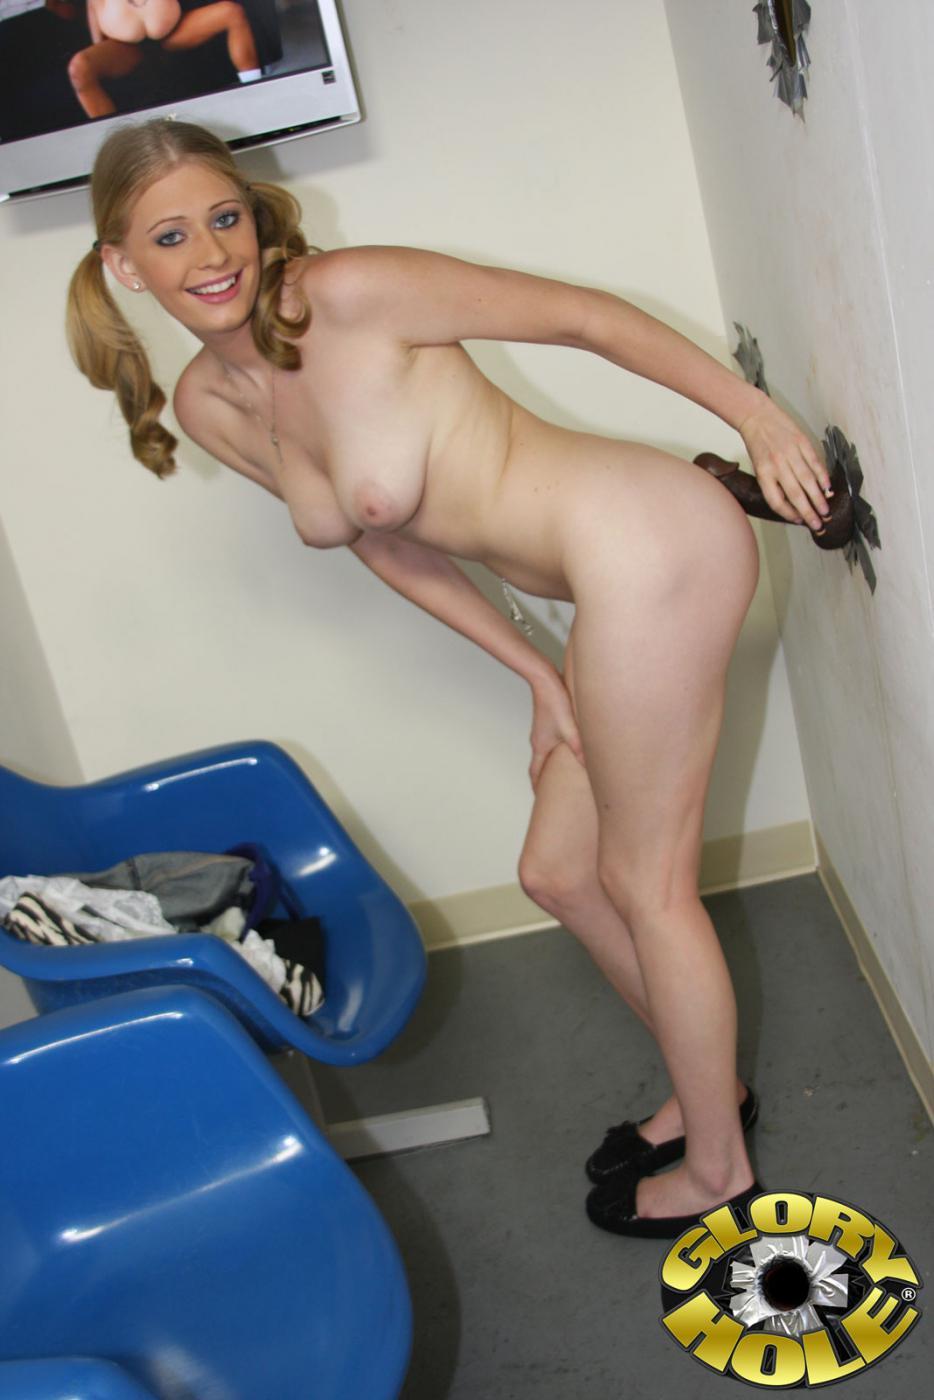 Молодая блондинка Allie James играет с членом из дыры в стене, доведя его до оргазма